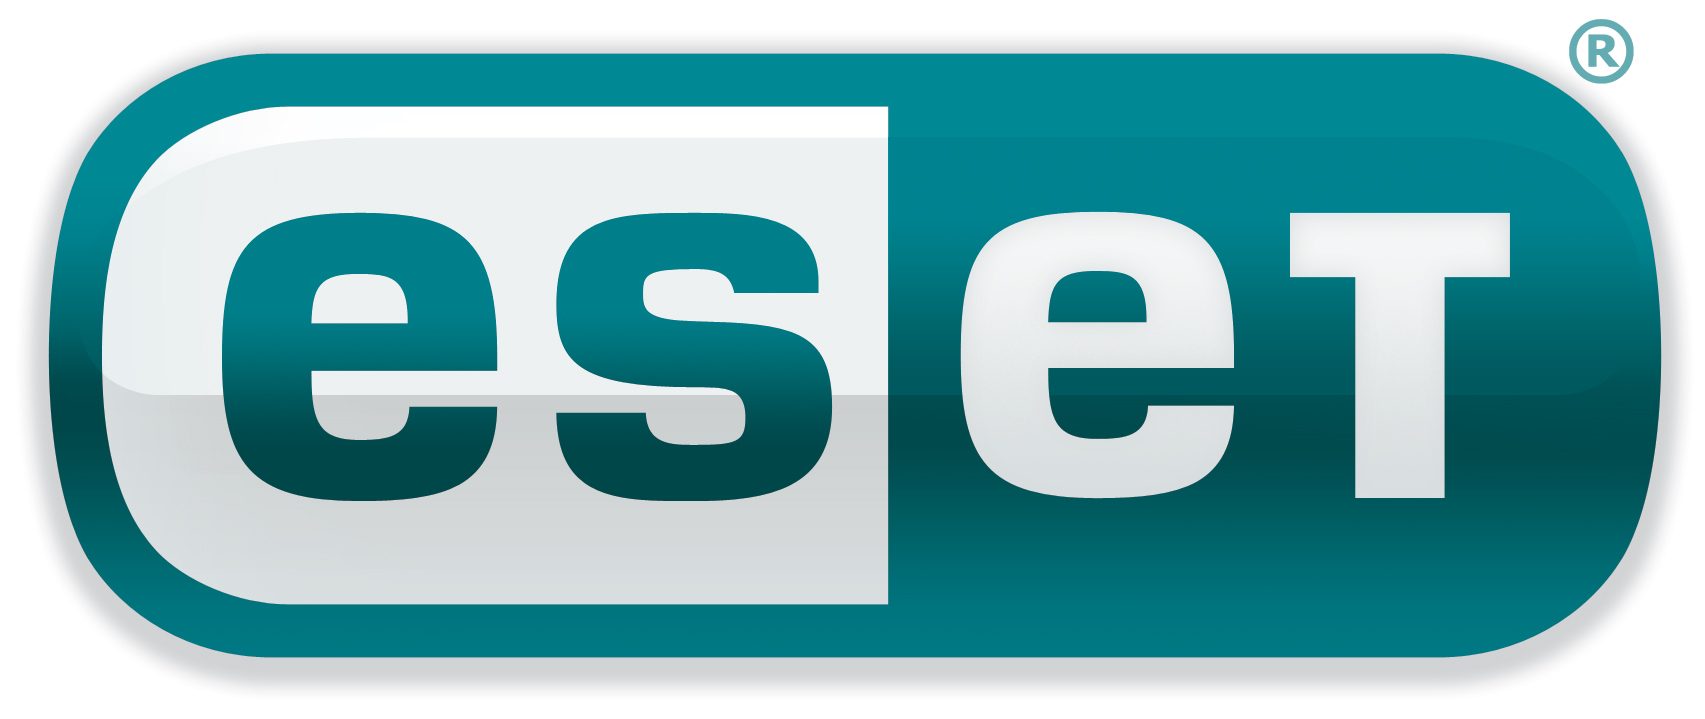 دانلود آپدیت آفلاین ESET Smart Security به همراه فیلم آموزشی